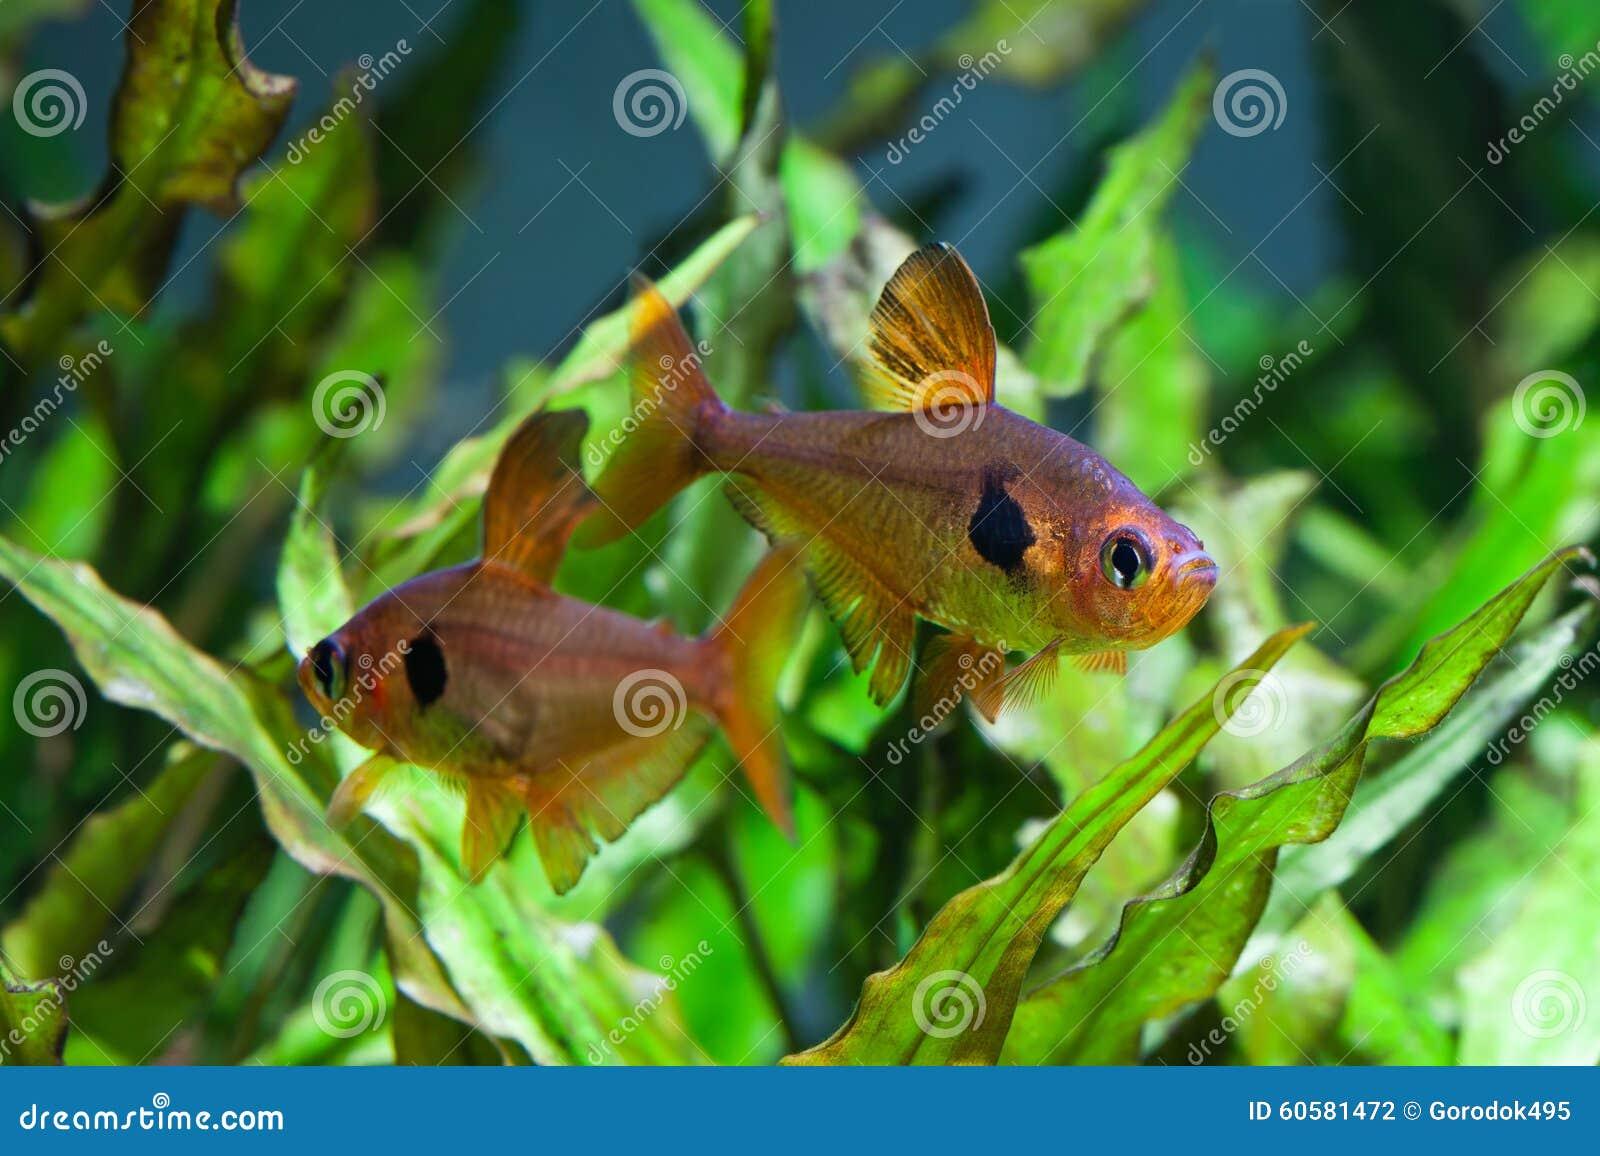 r servoir d 39 eau douce d 39 aquarium avec de t tra poissons photo stock image du instruction live. Black Bedroom Furniture Sets. Home Design Ideas